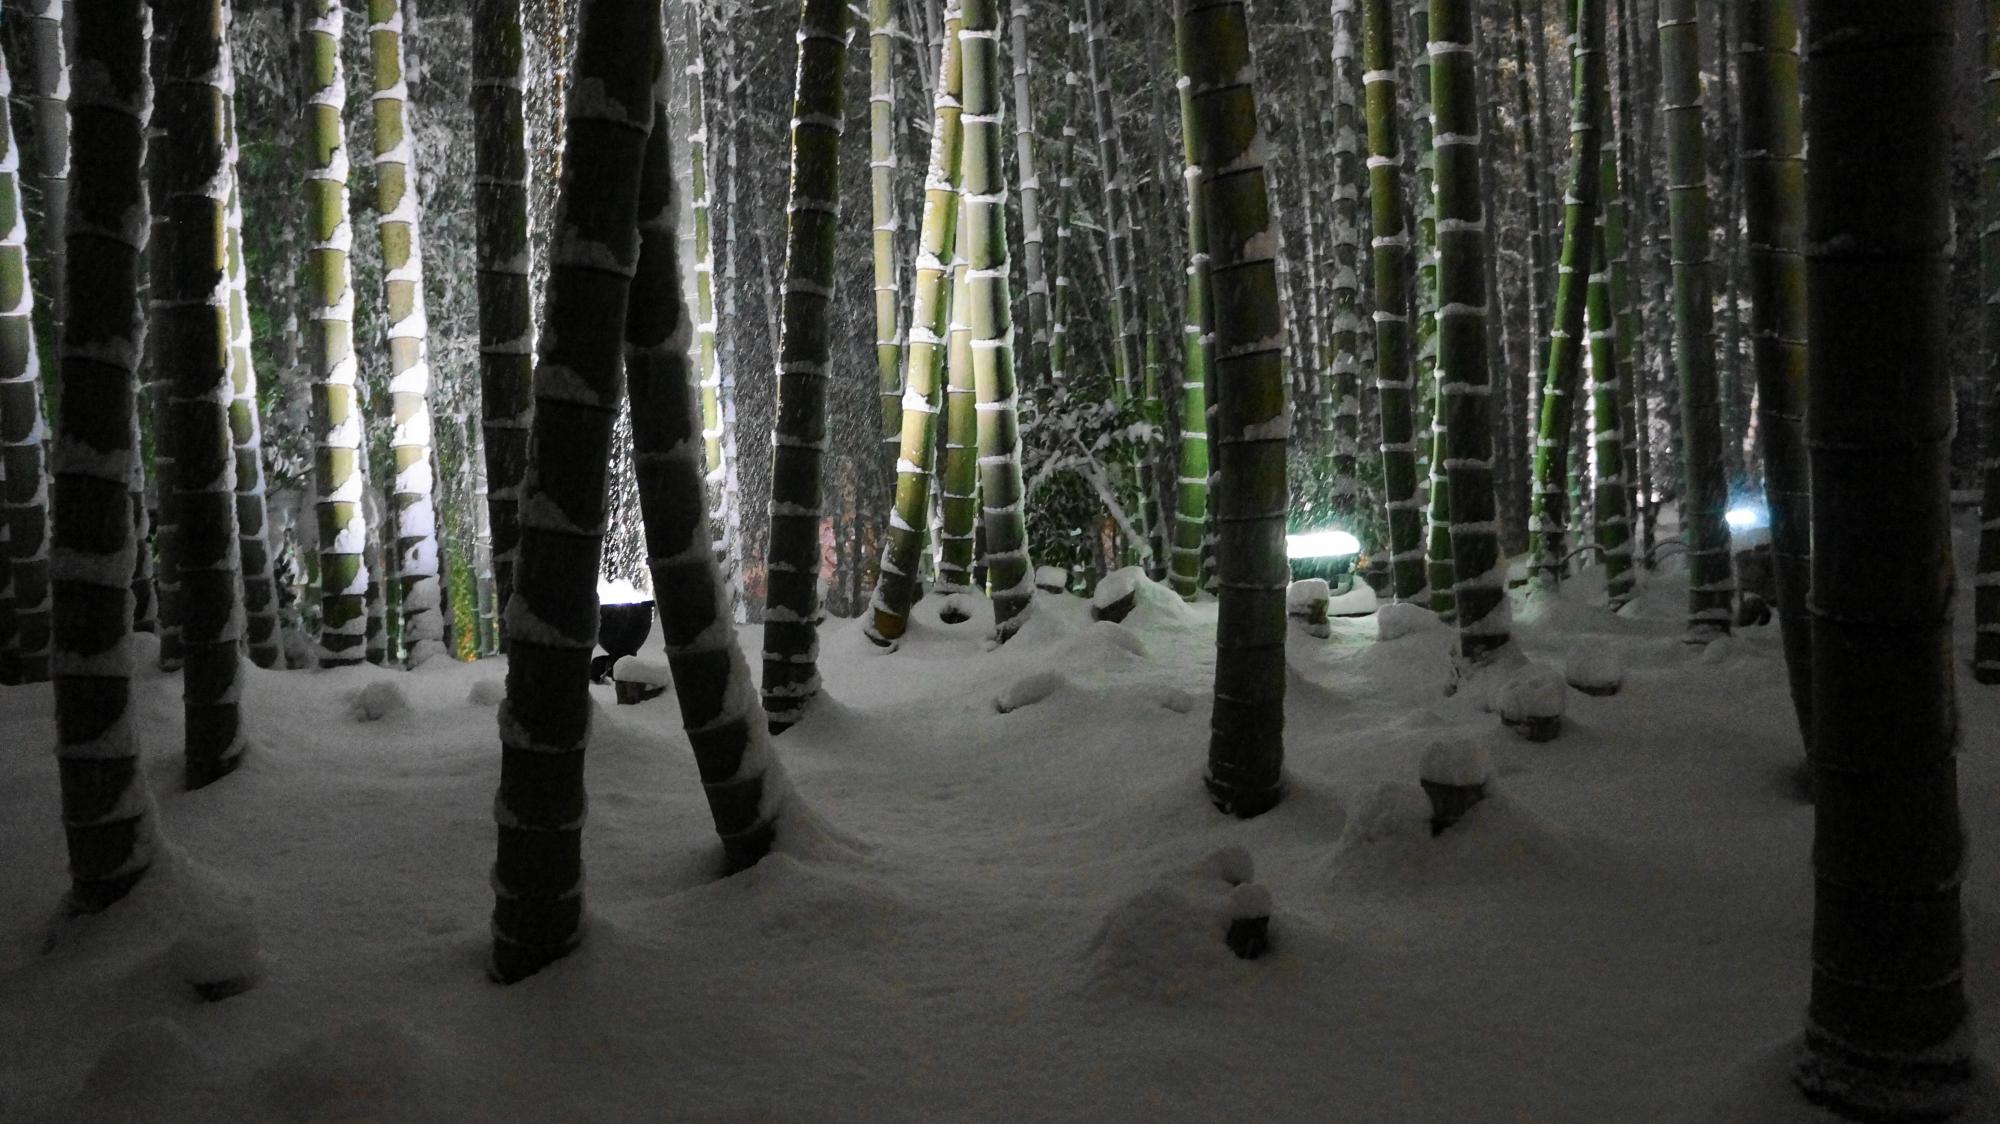 静けさが漂う雪の竹林